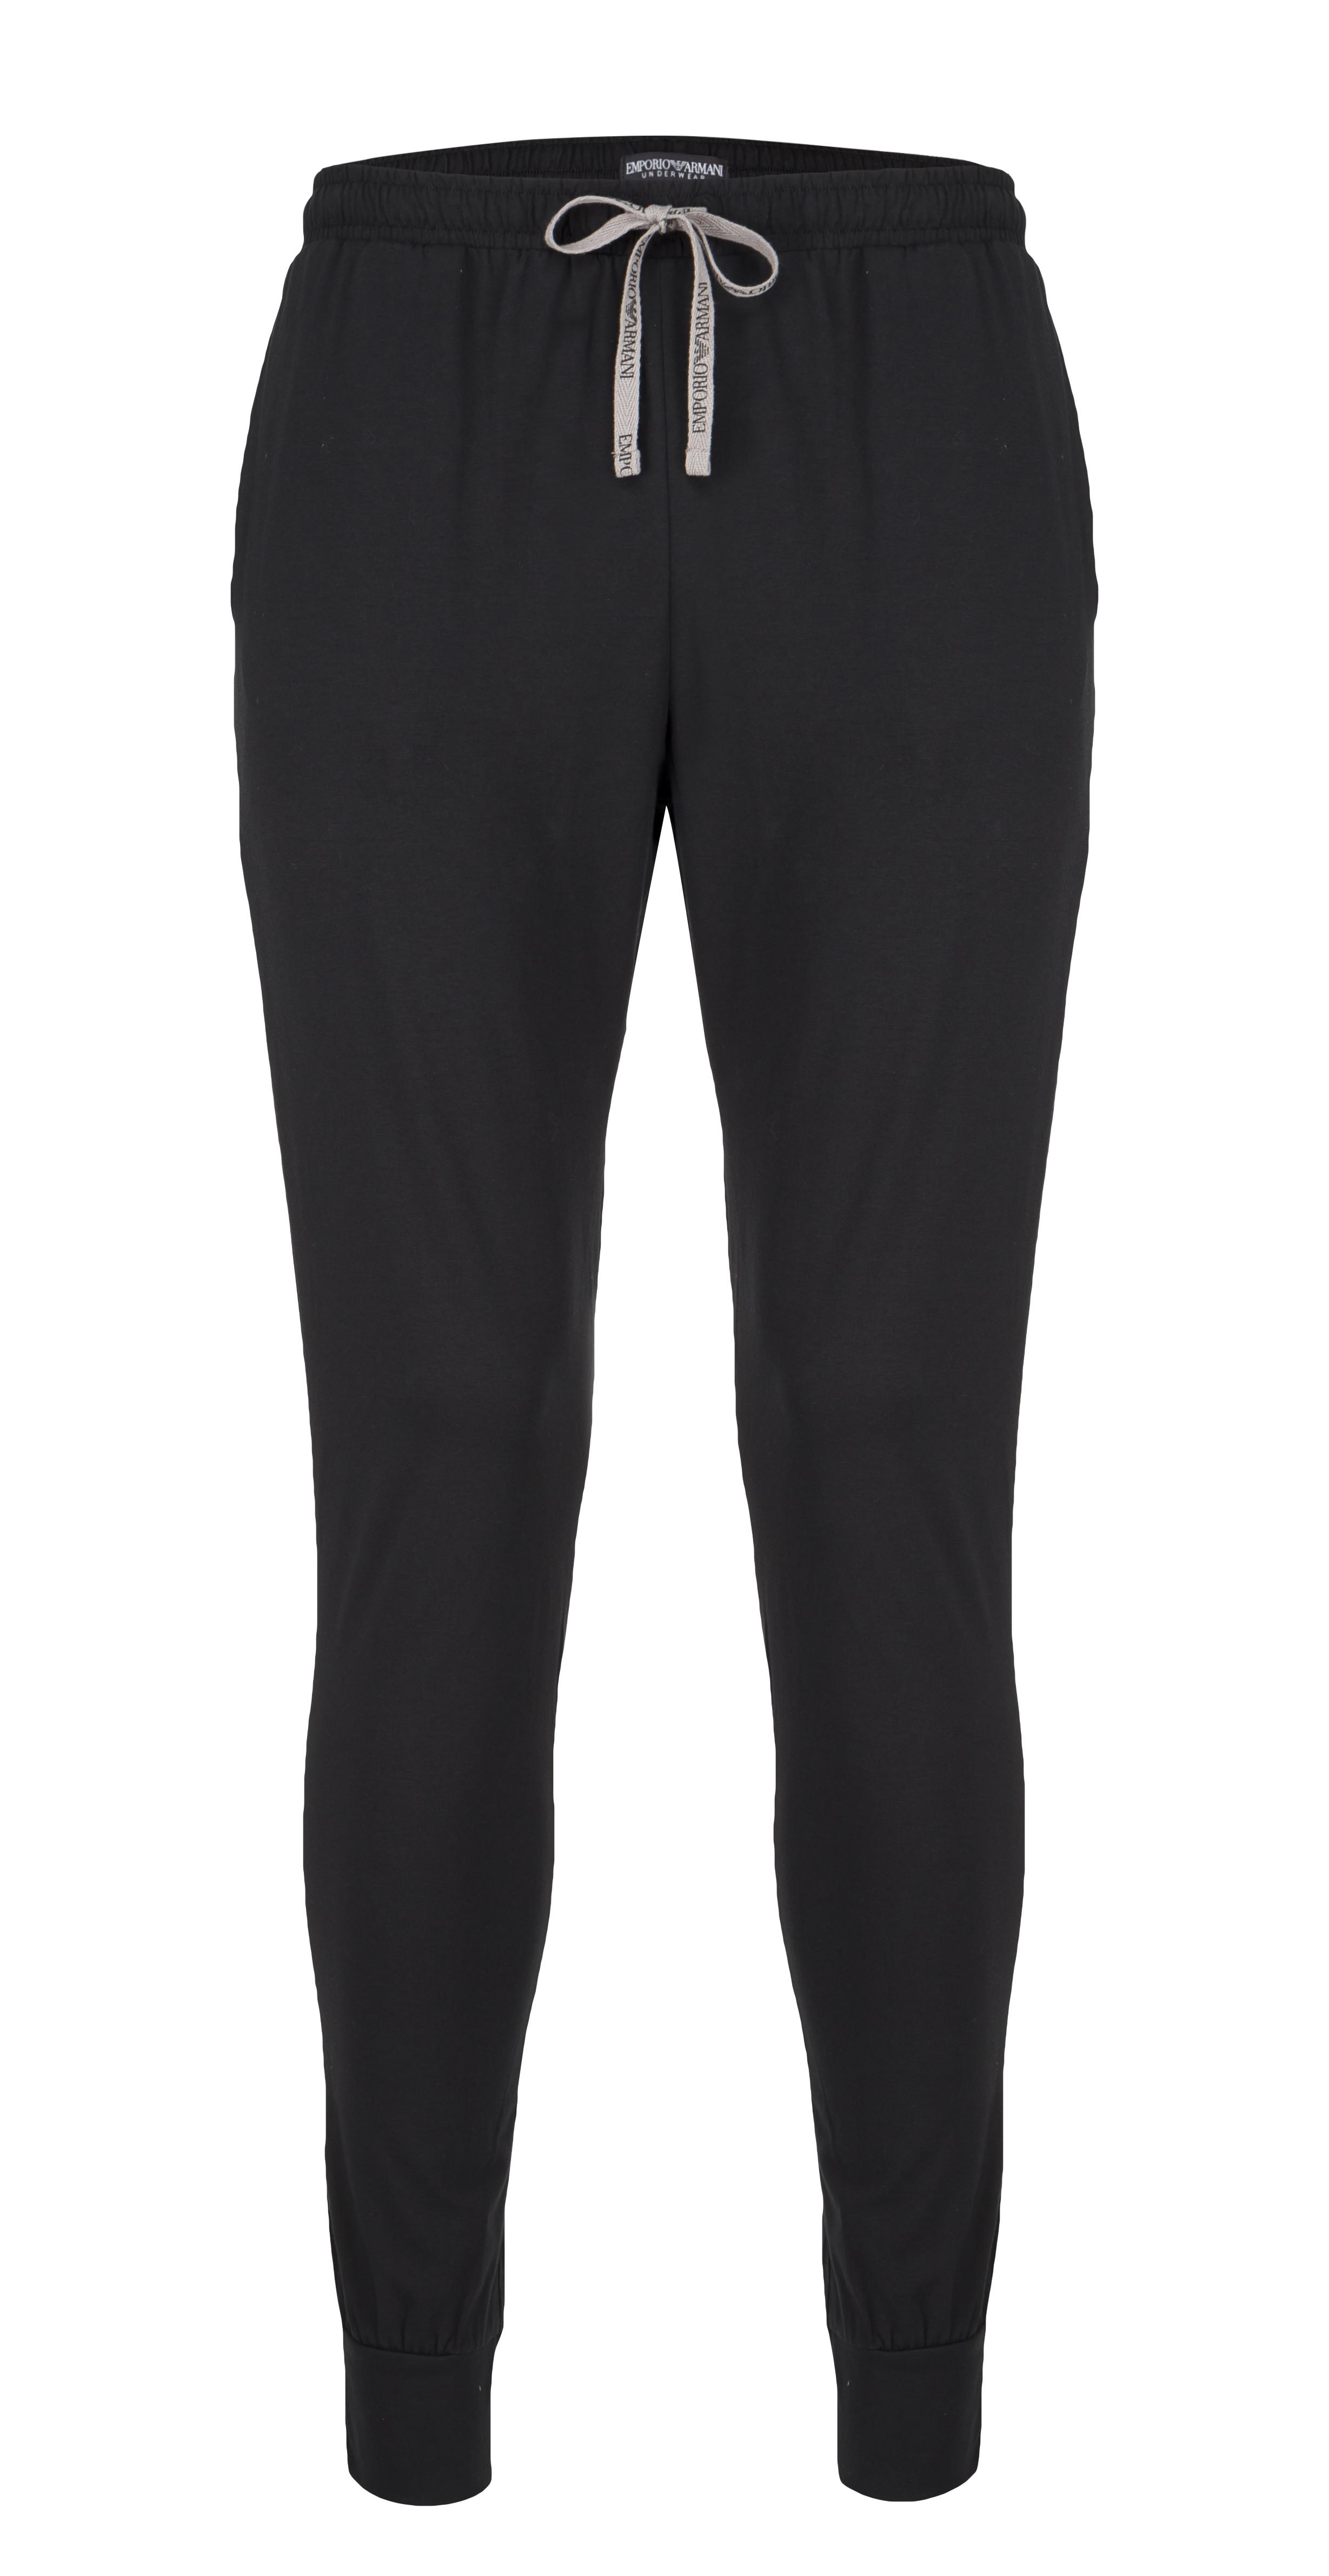 Emporio Armani Underwear Emporio Armani pánské tepláky - černé Velikost: XL